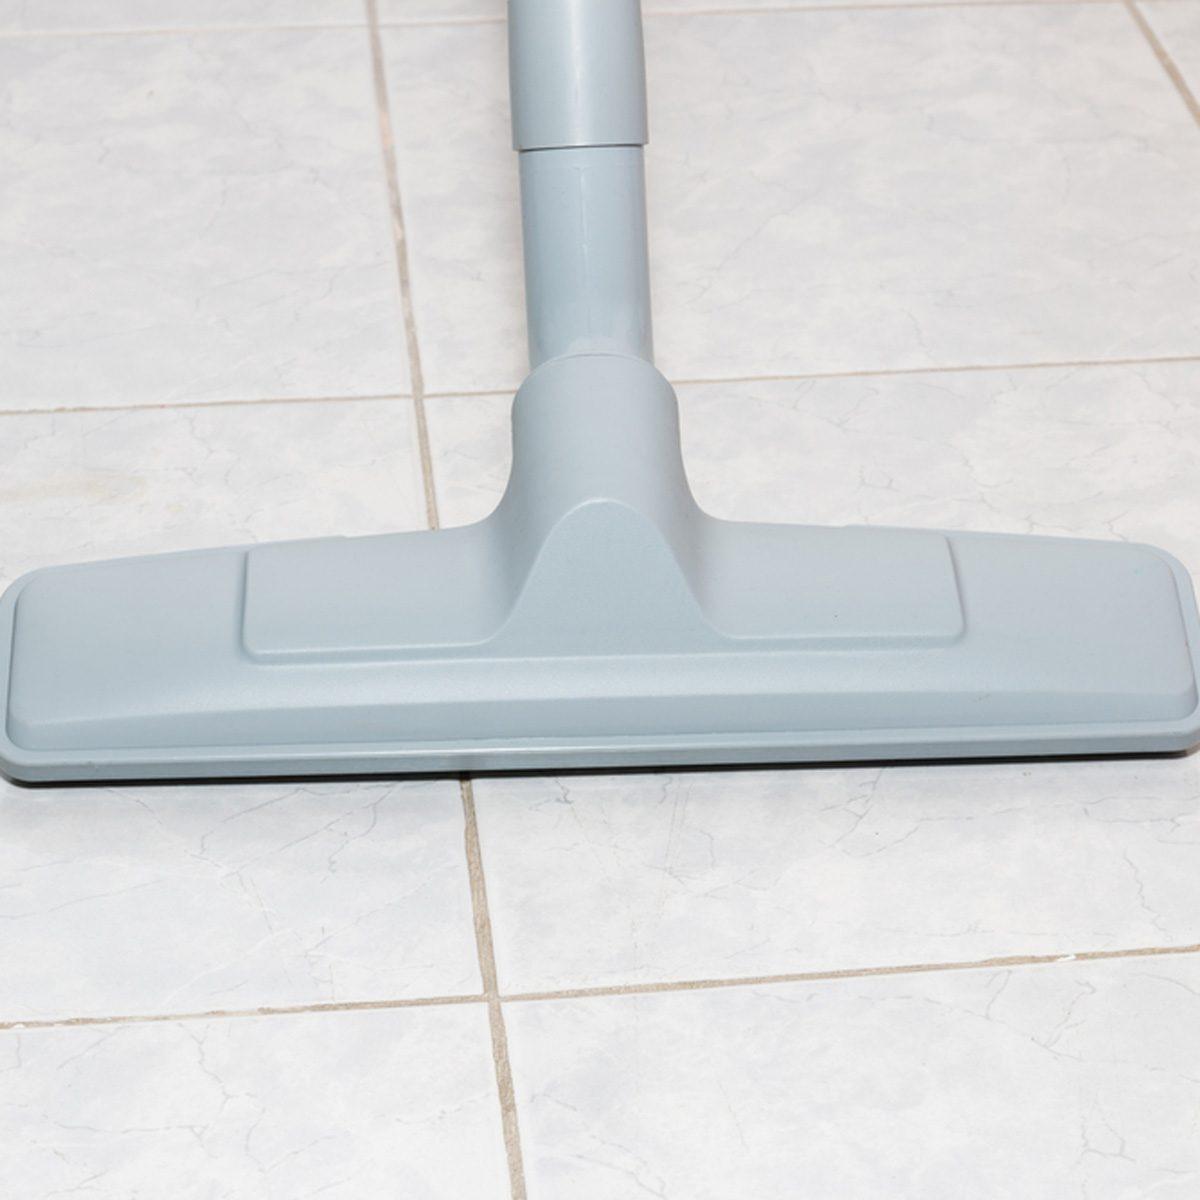 vacuum clean bathroom tile